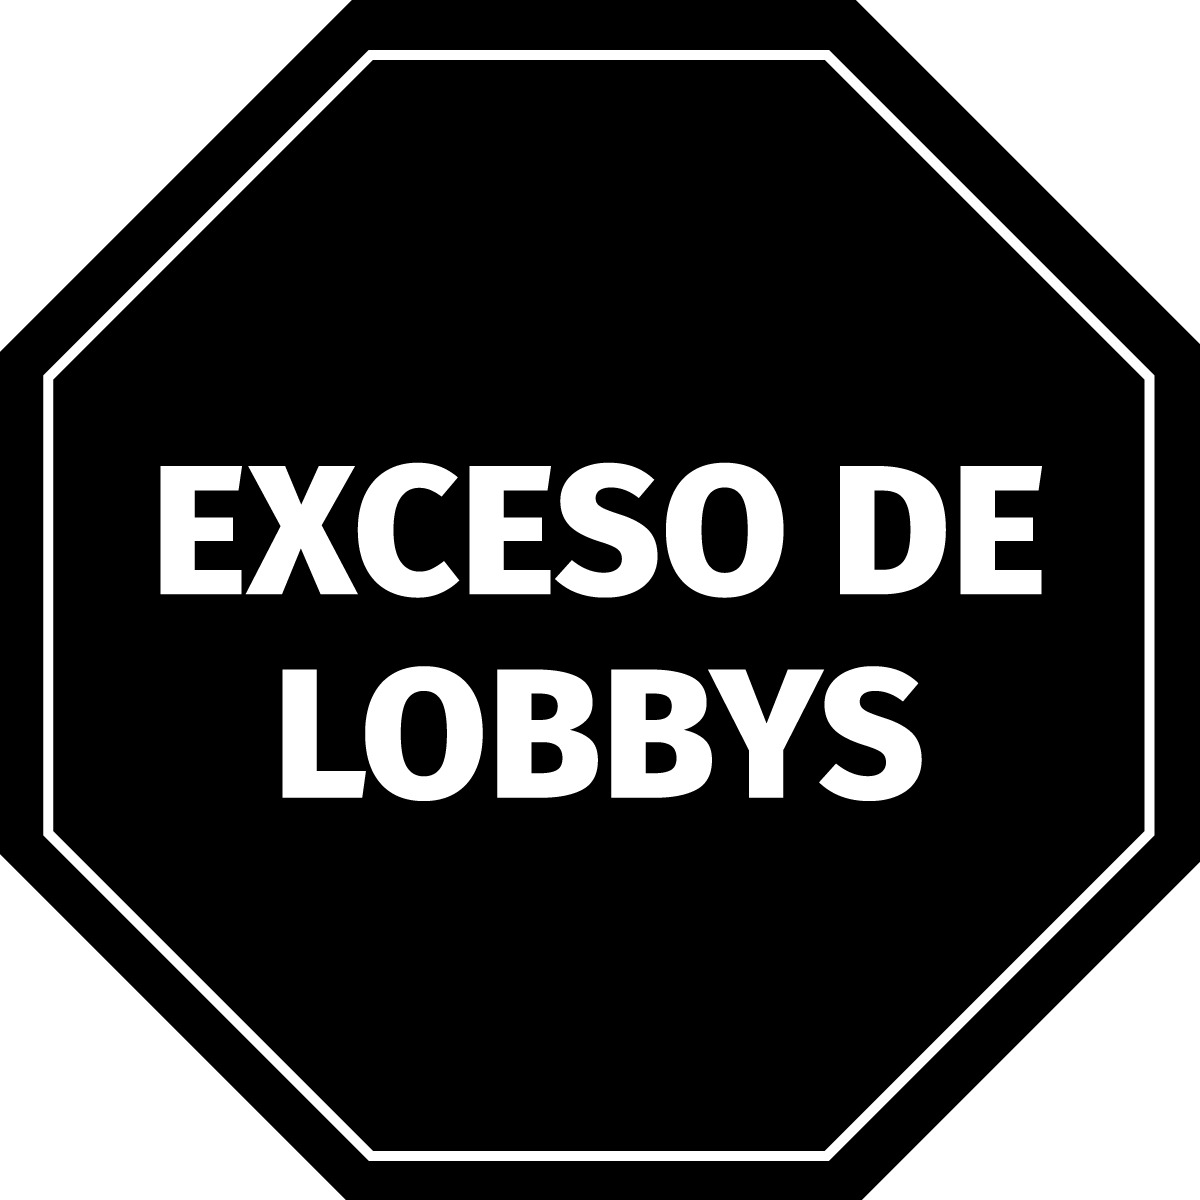 En algunos paquetes de comida chatarra y de gaseosas habría que poner este octógono. Mañana en el @SenadoArgentina se trata el  #EtiquetadoClaroYa.  #ExcesoDeLobbys https://t.co/swLKBeCmjr